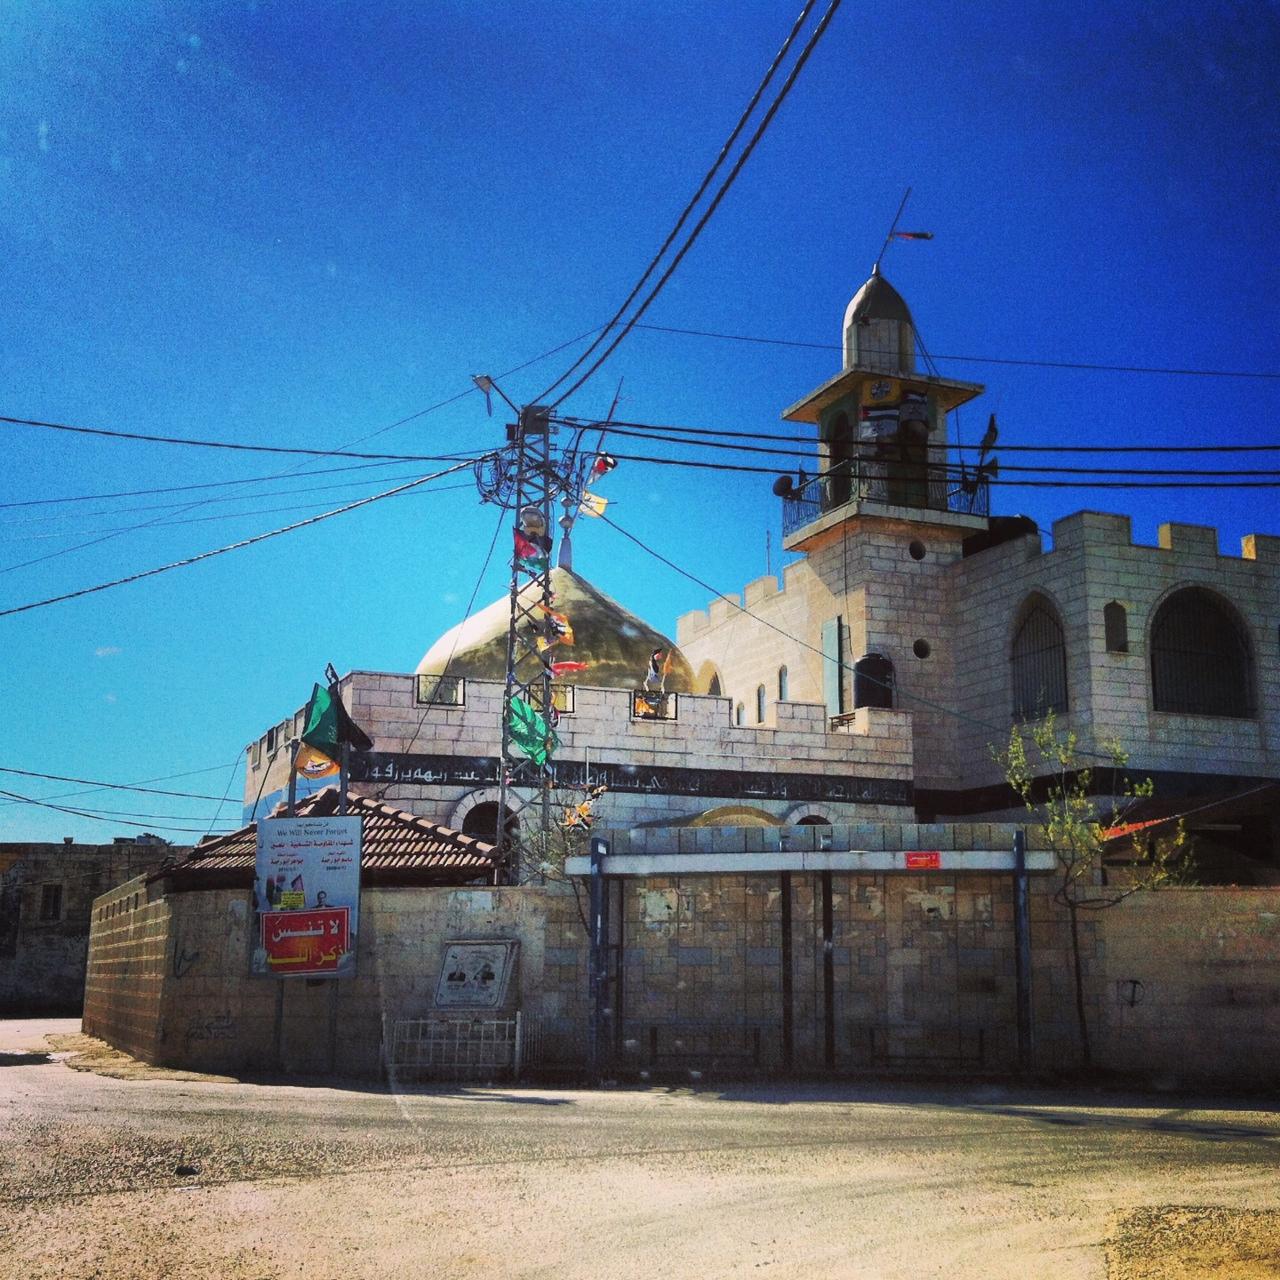 La mosquée de Bil'in, là ou partent toutes manifestations contre le mur de séparation www.merblanche.com all rights reserved